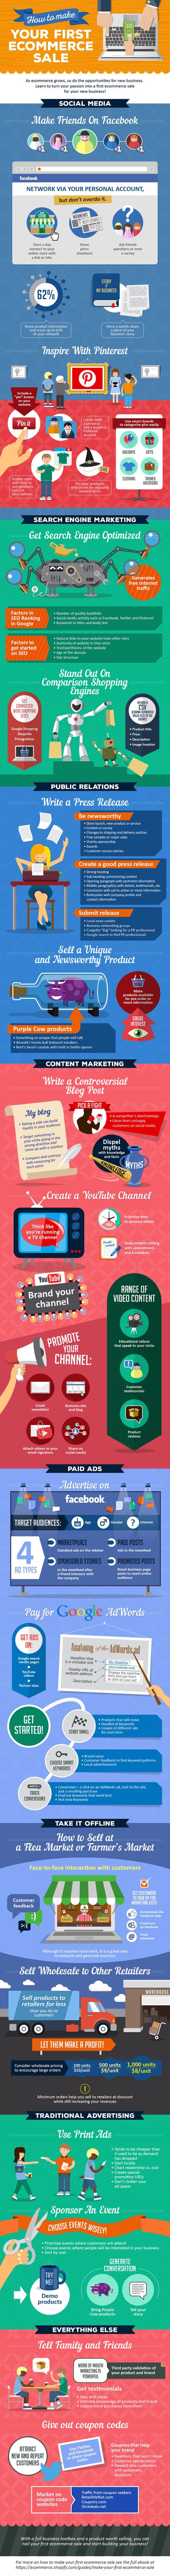 Cómo hacer tu primera venta en comercio electrónico #infografia #infographic #ecommerce | Seo, Social Media Marketing | Scoop.it